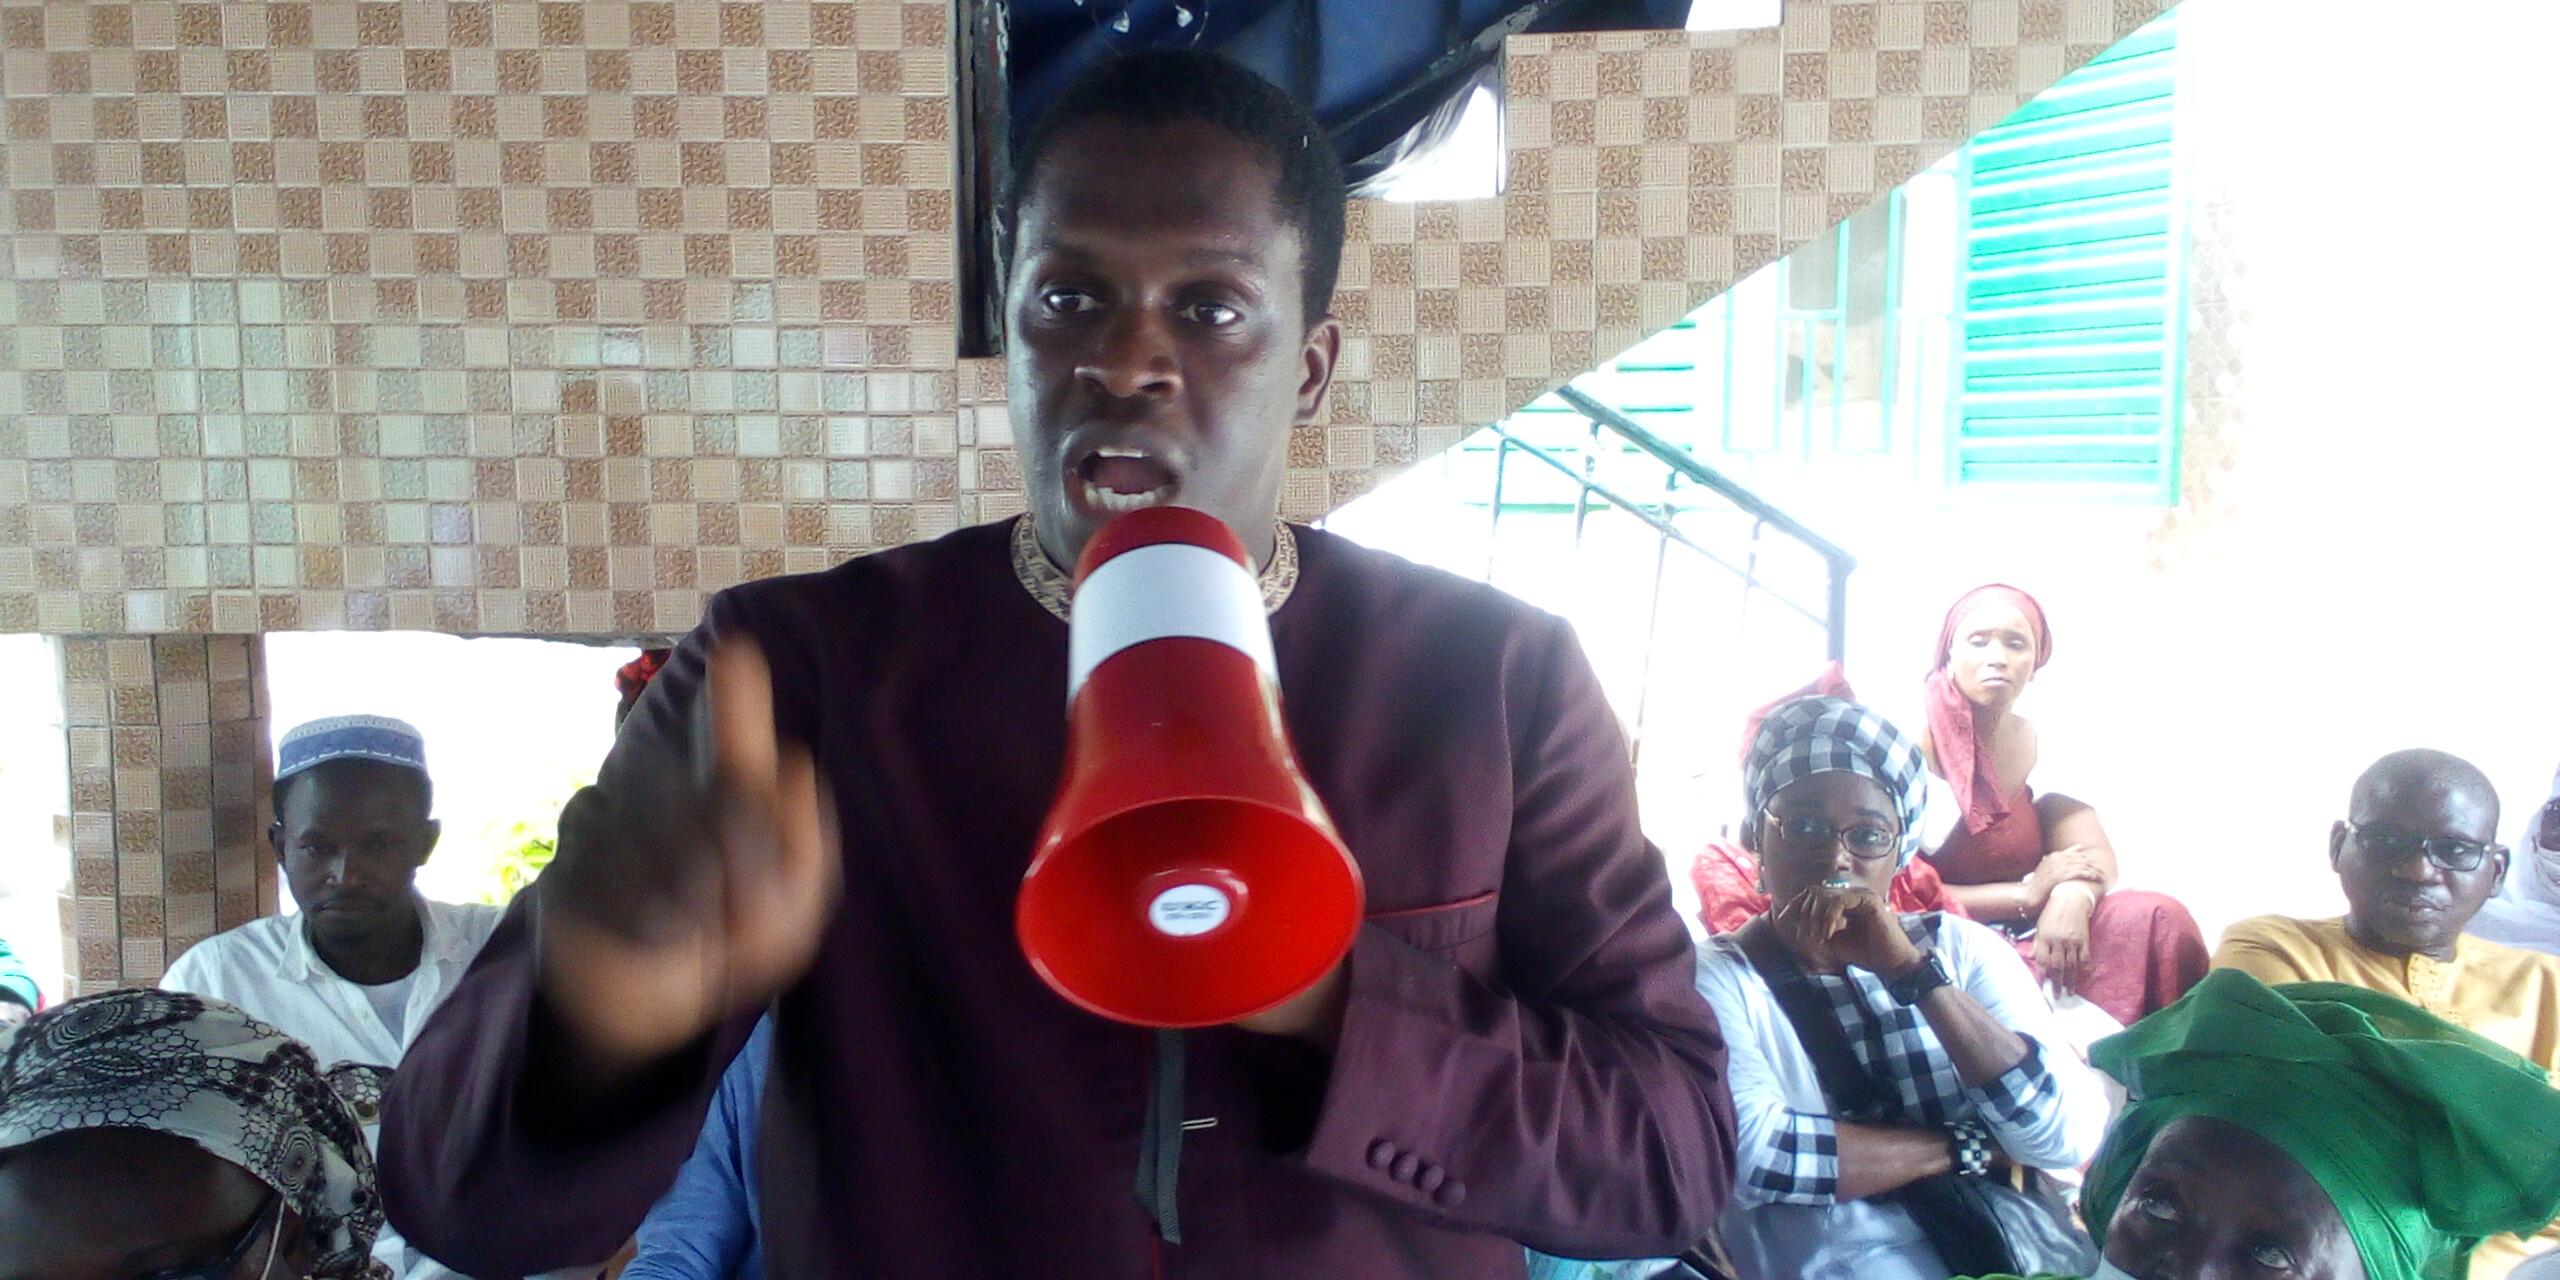 Abdourahmane Baldé (président du mouvement Kolda debout) : « Avec notre détermination, désormais ce sera œil pour œil, dent pour dent… Kolda en a marre d'être traitée comme le dernier de la classe… »